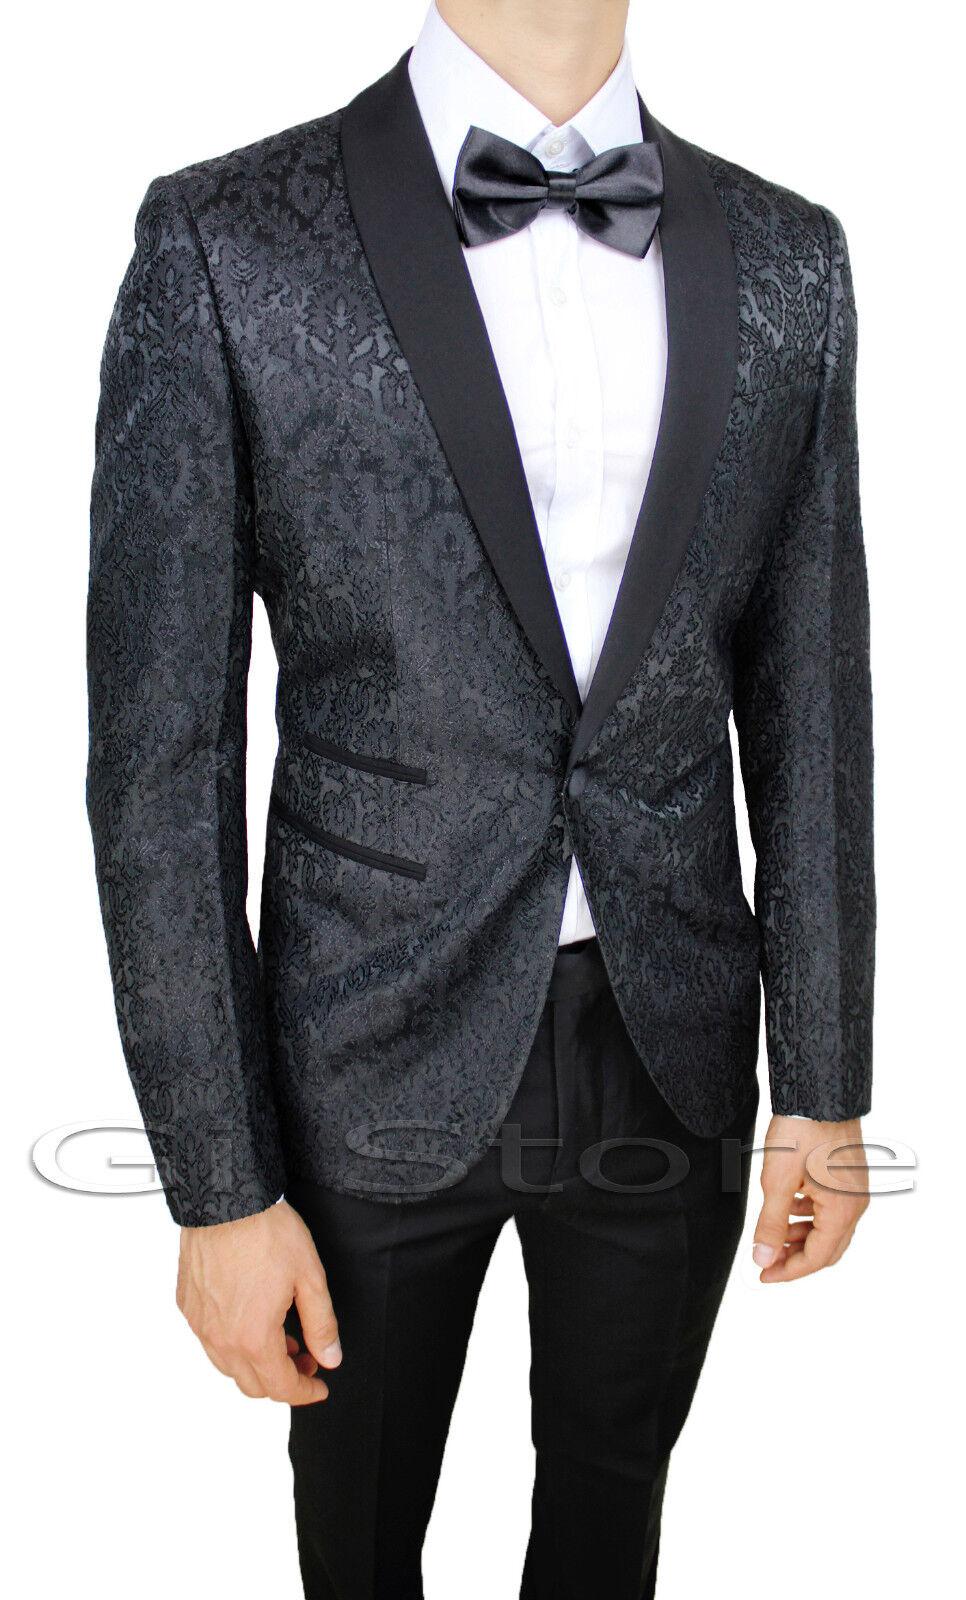 Abito Matrimonio Uomo Tight : Abito uomo diamond raso nero damasco floreale completo vestito